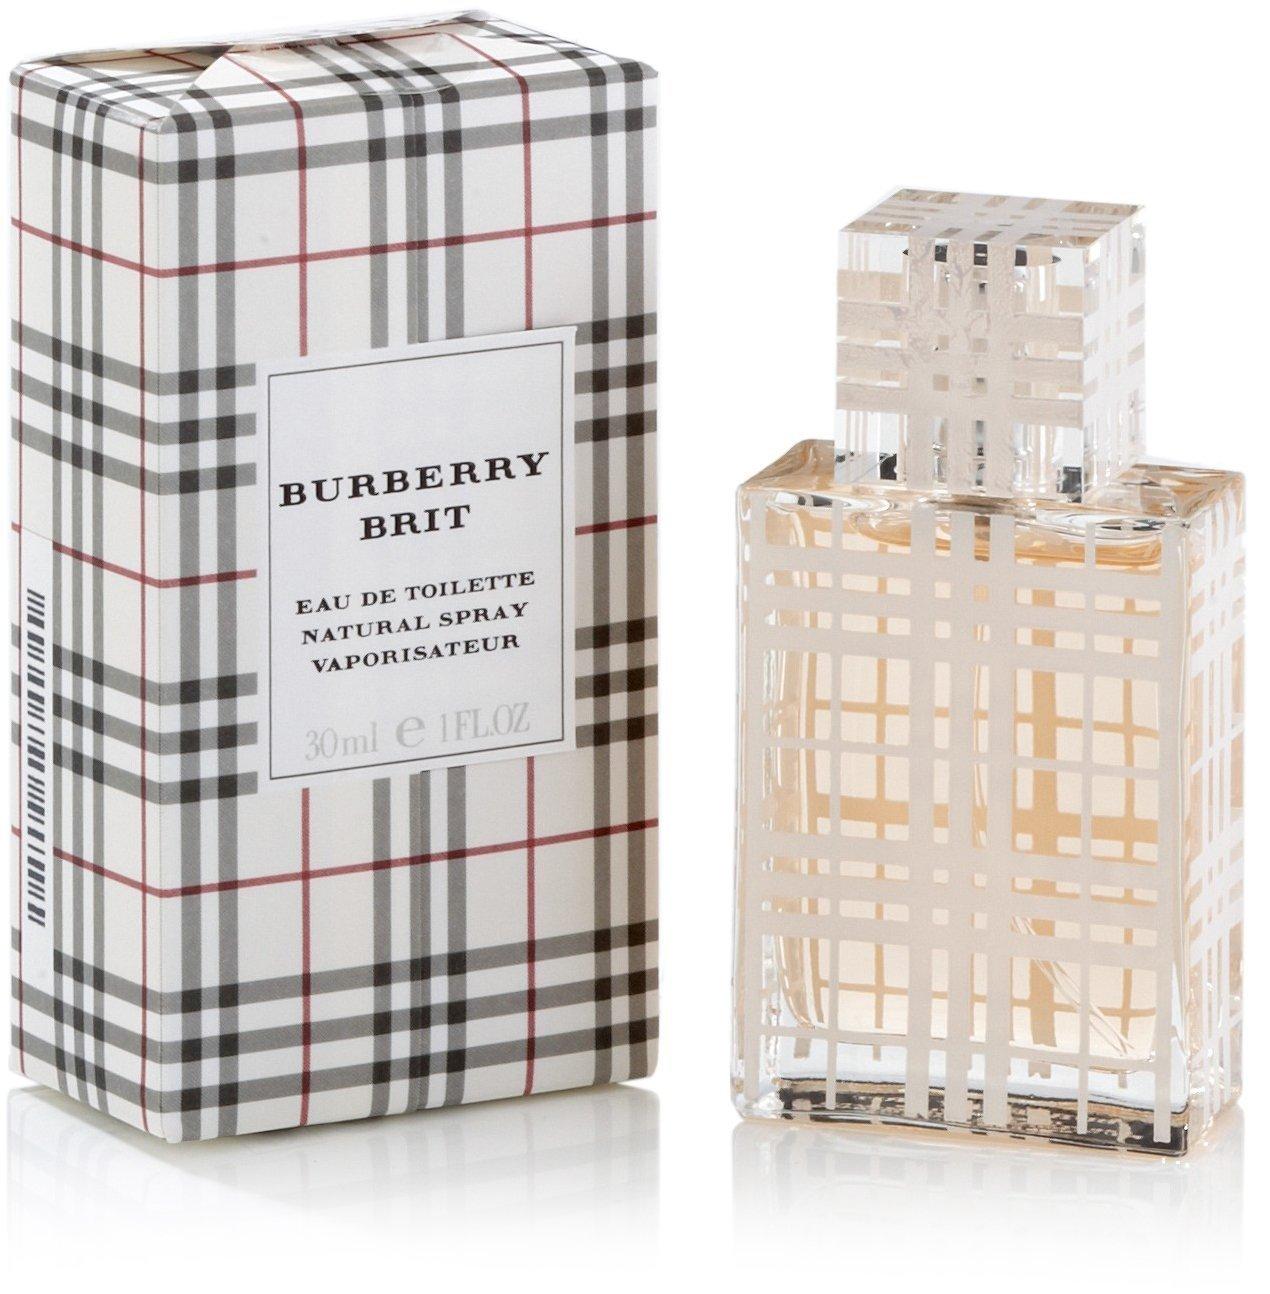 burberry brit eau de parfum spray p75z  Burberry Brit Eau De Toilette 30ml